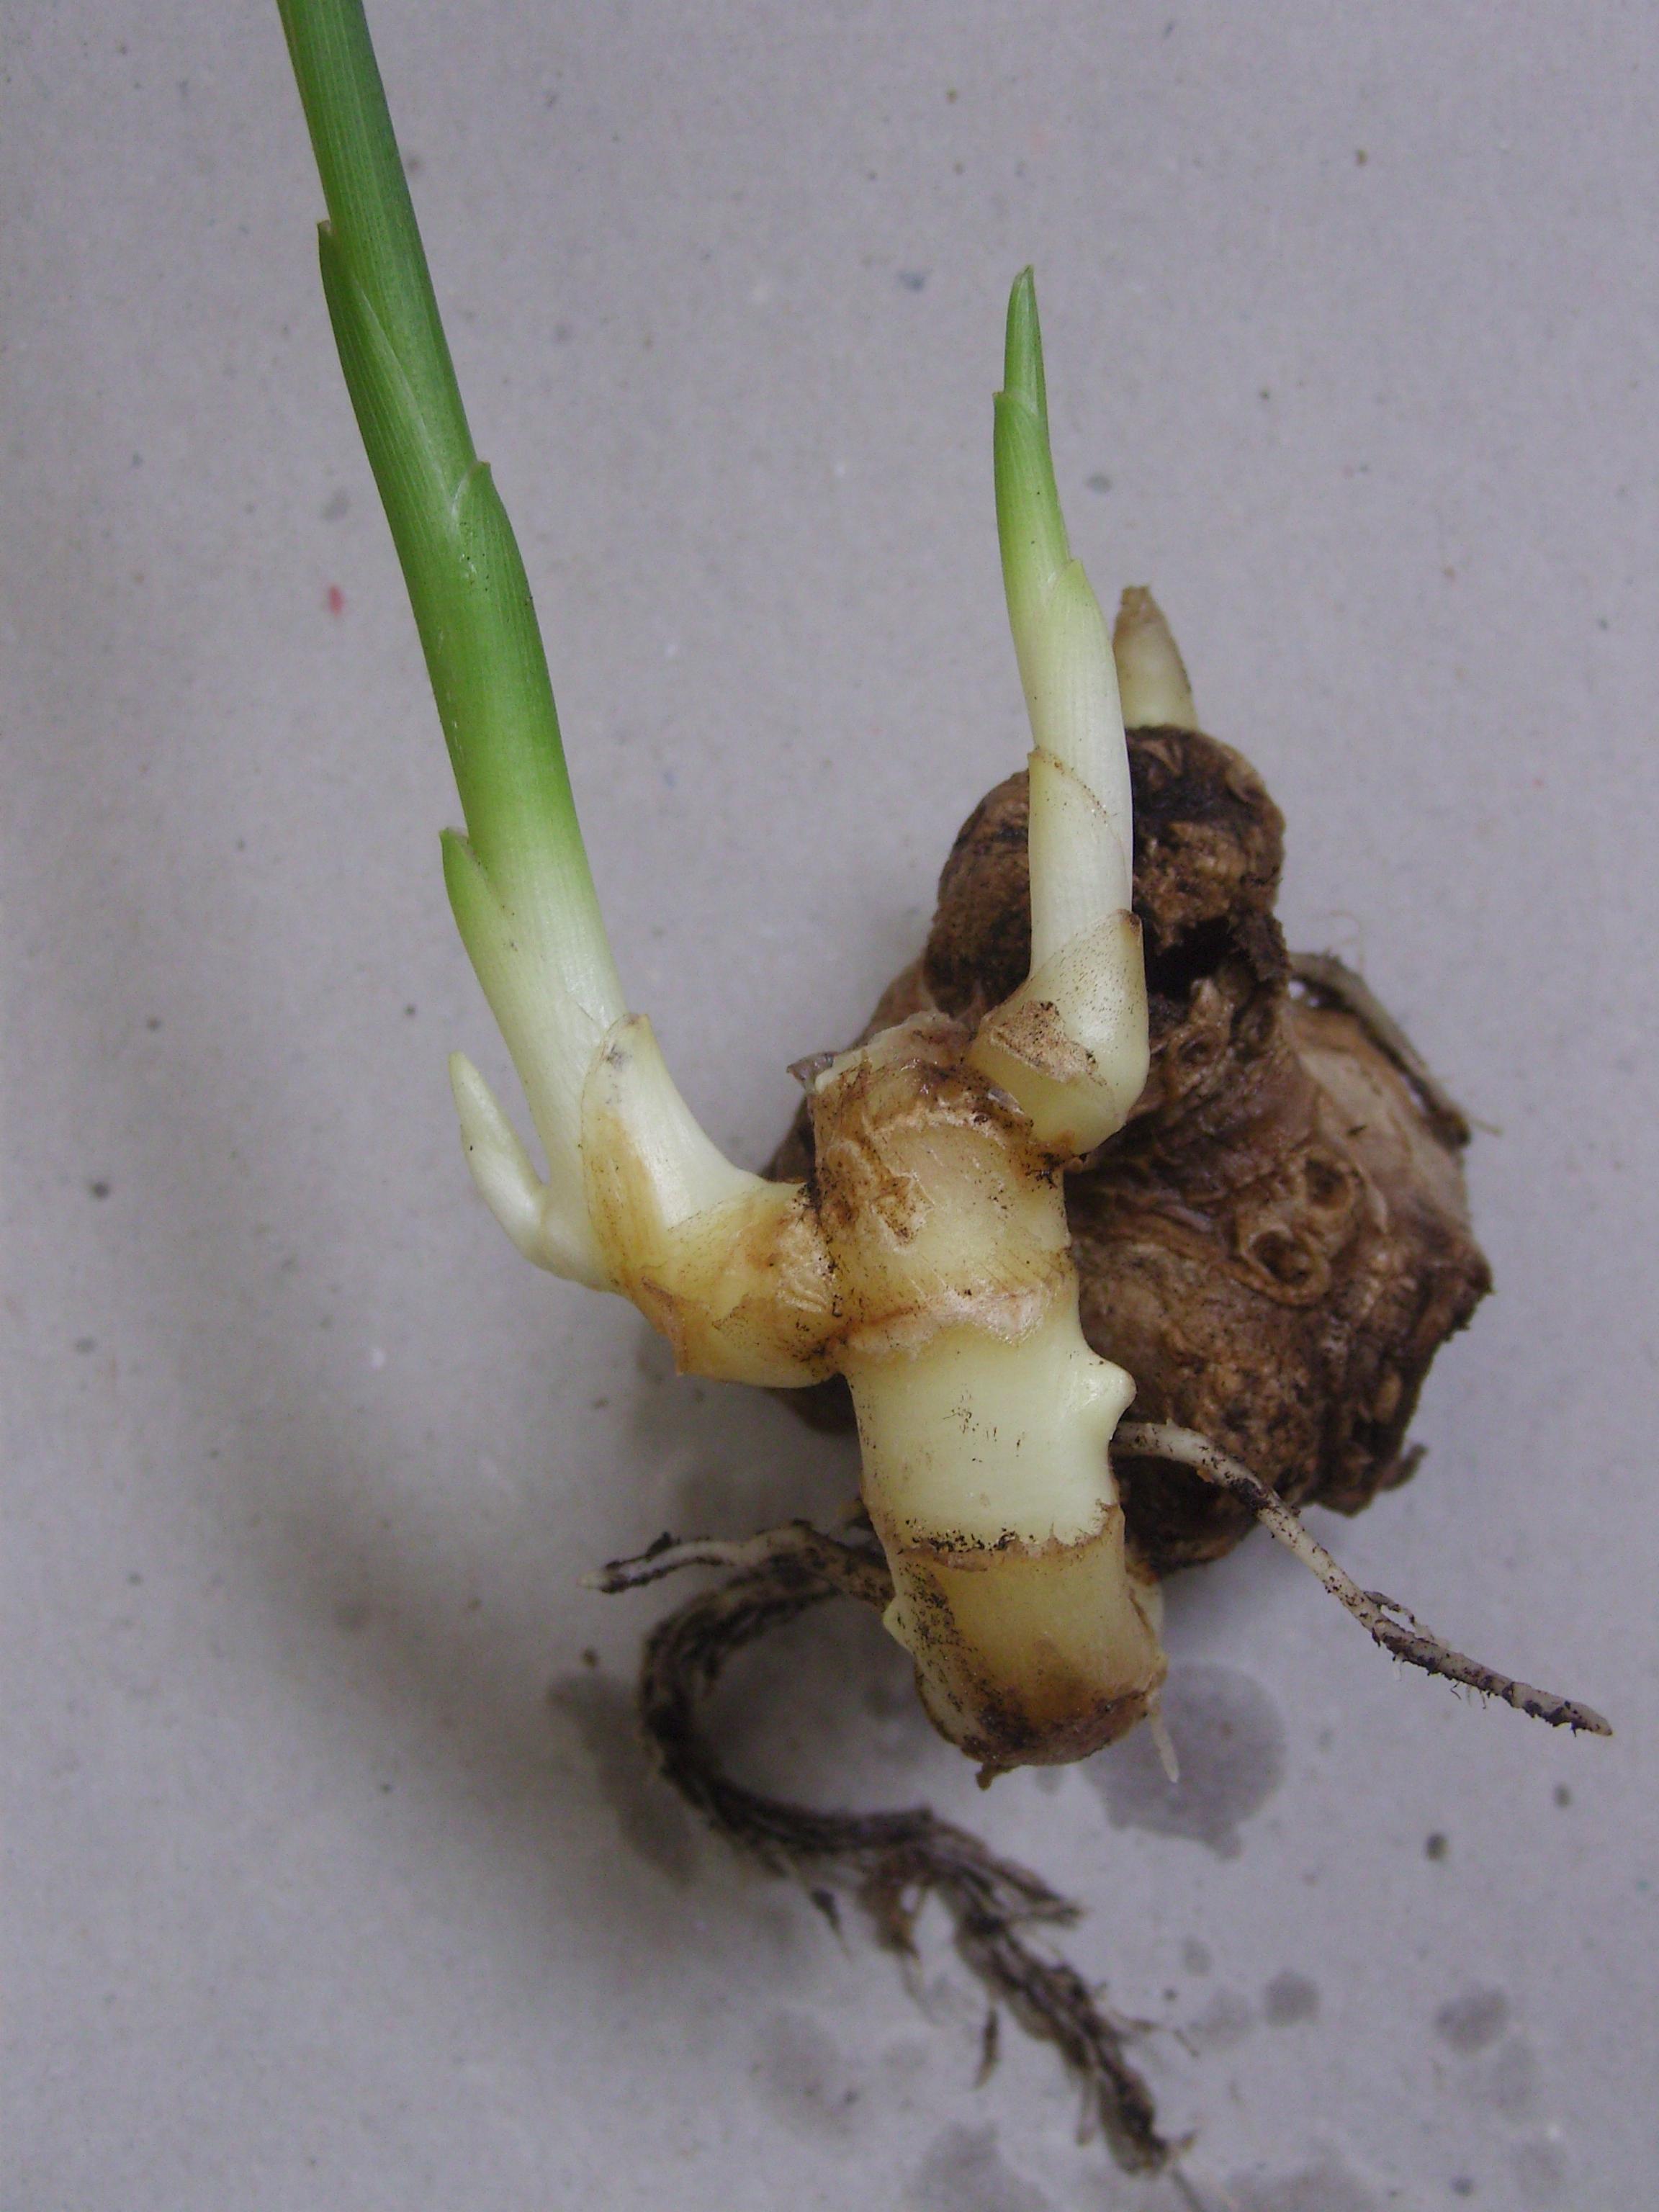 Image of garden ginger